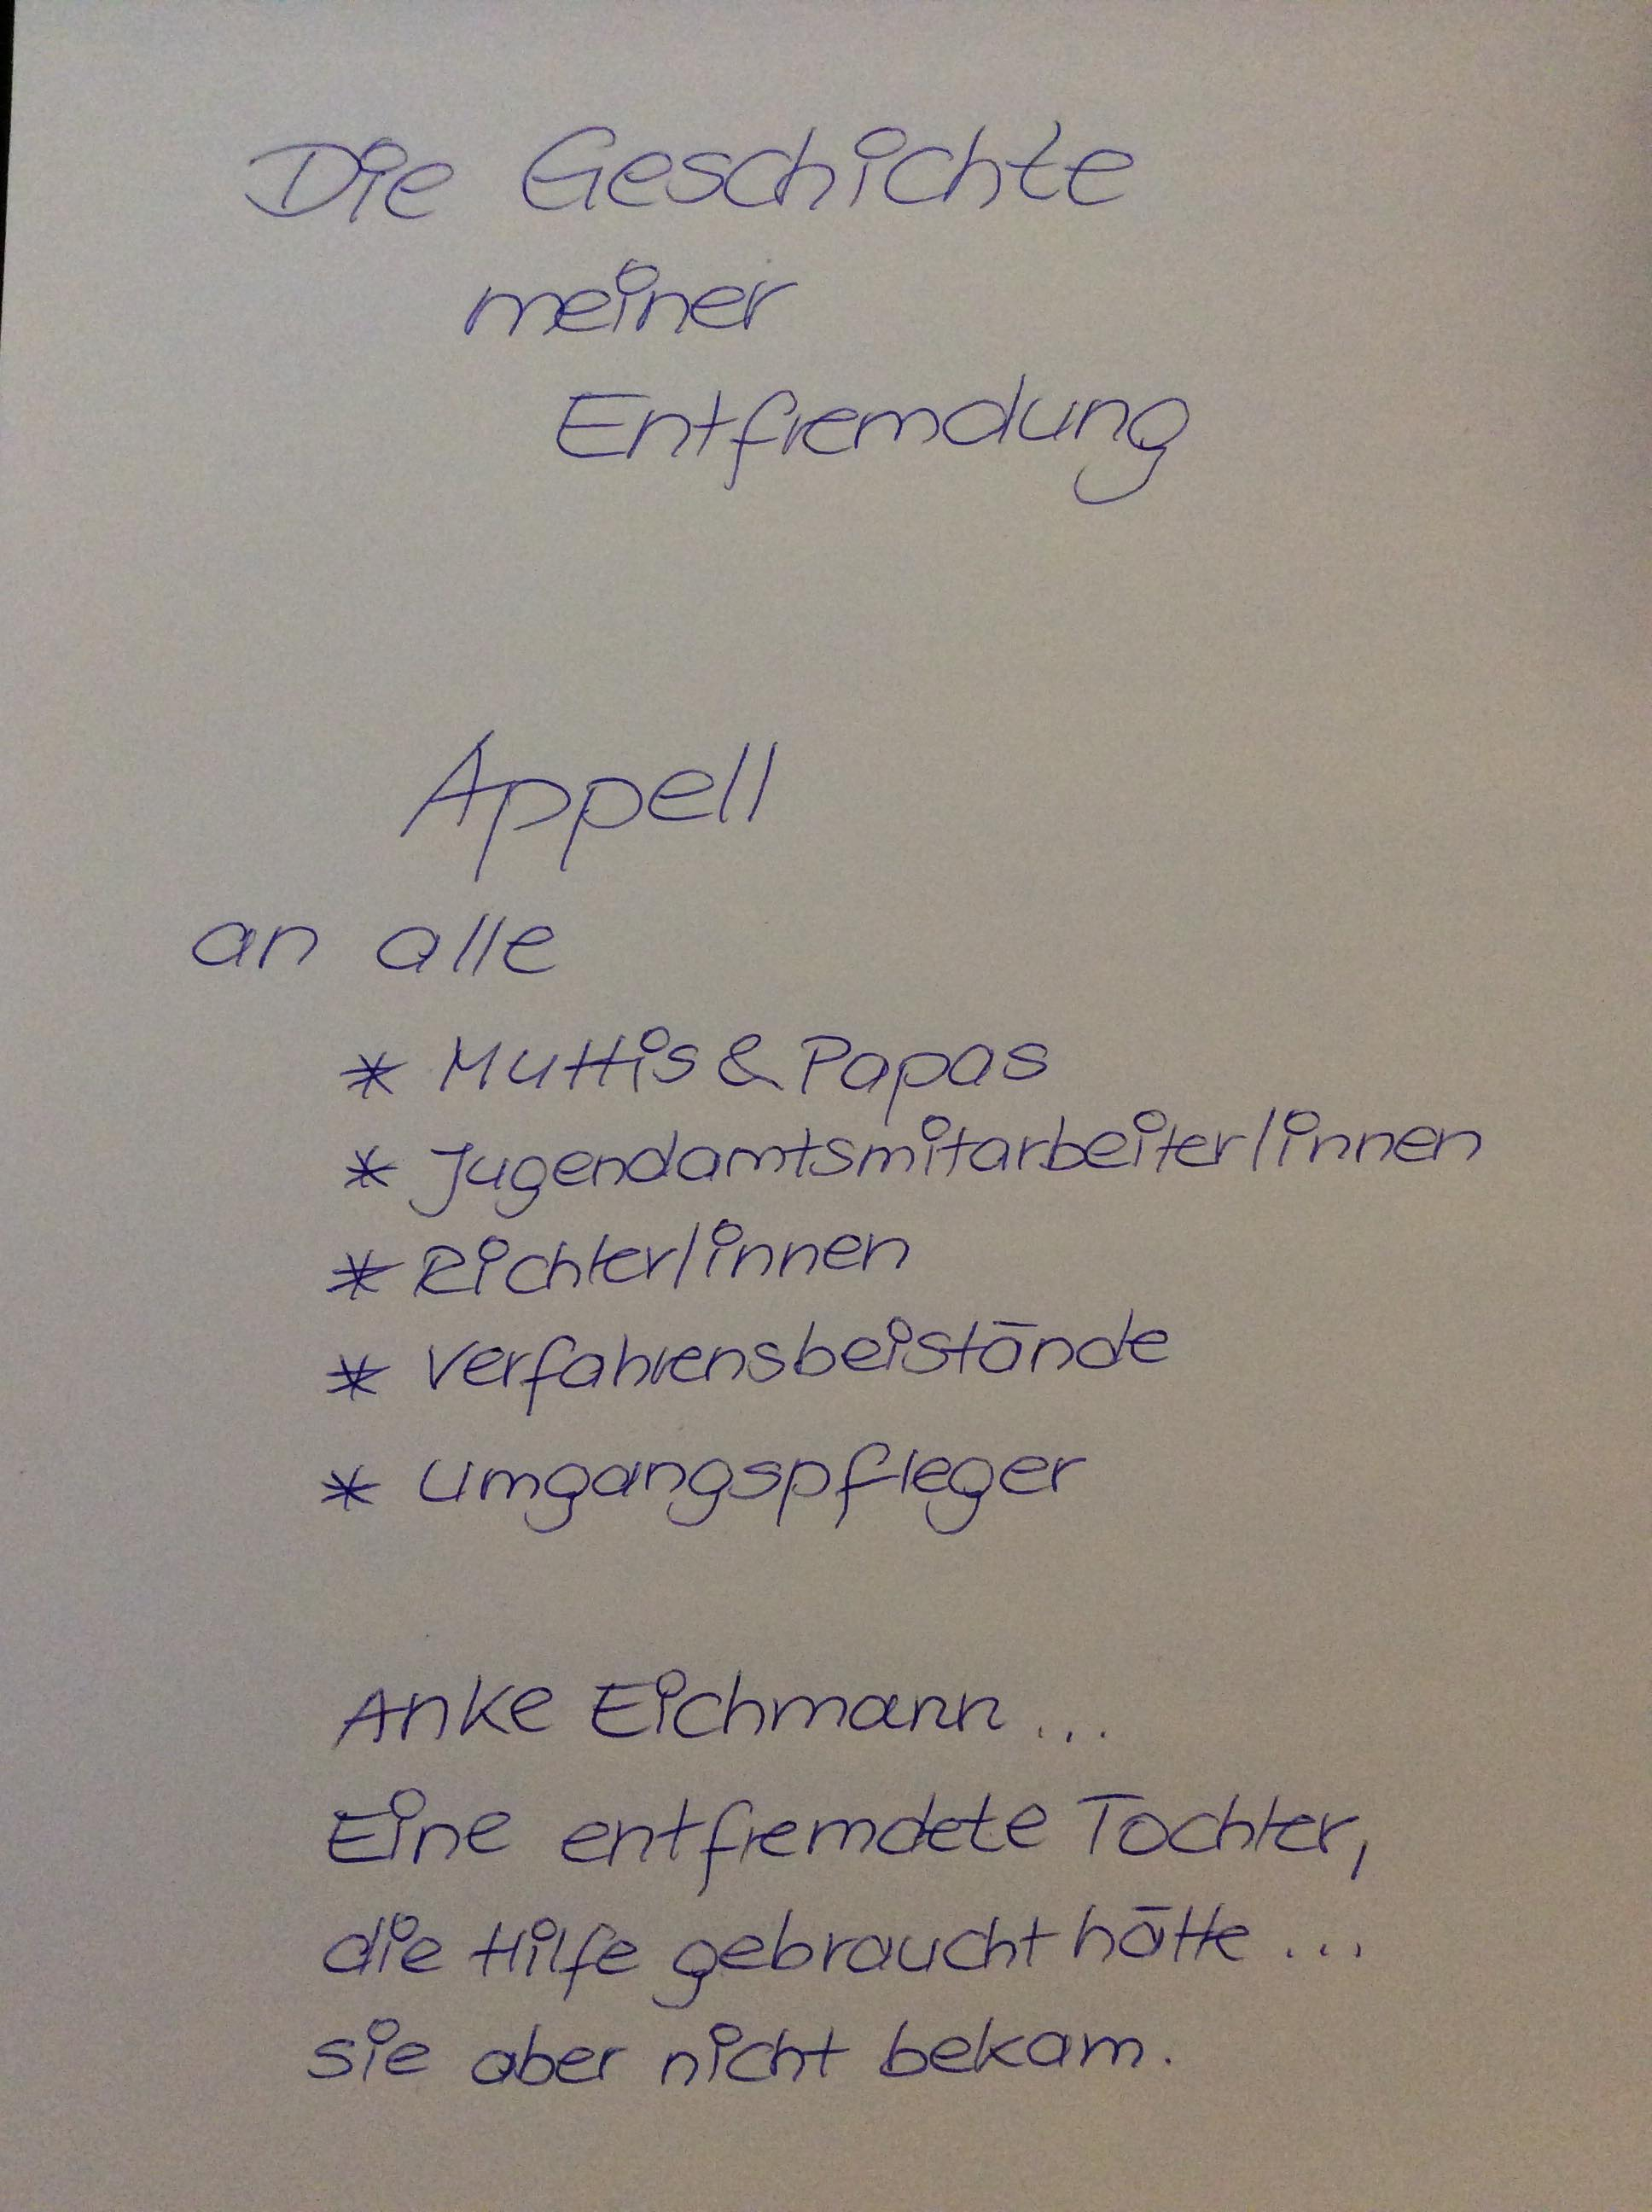 Nach schreiben abschiedsbrief trennung Rührender Abschiedsbrief: